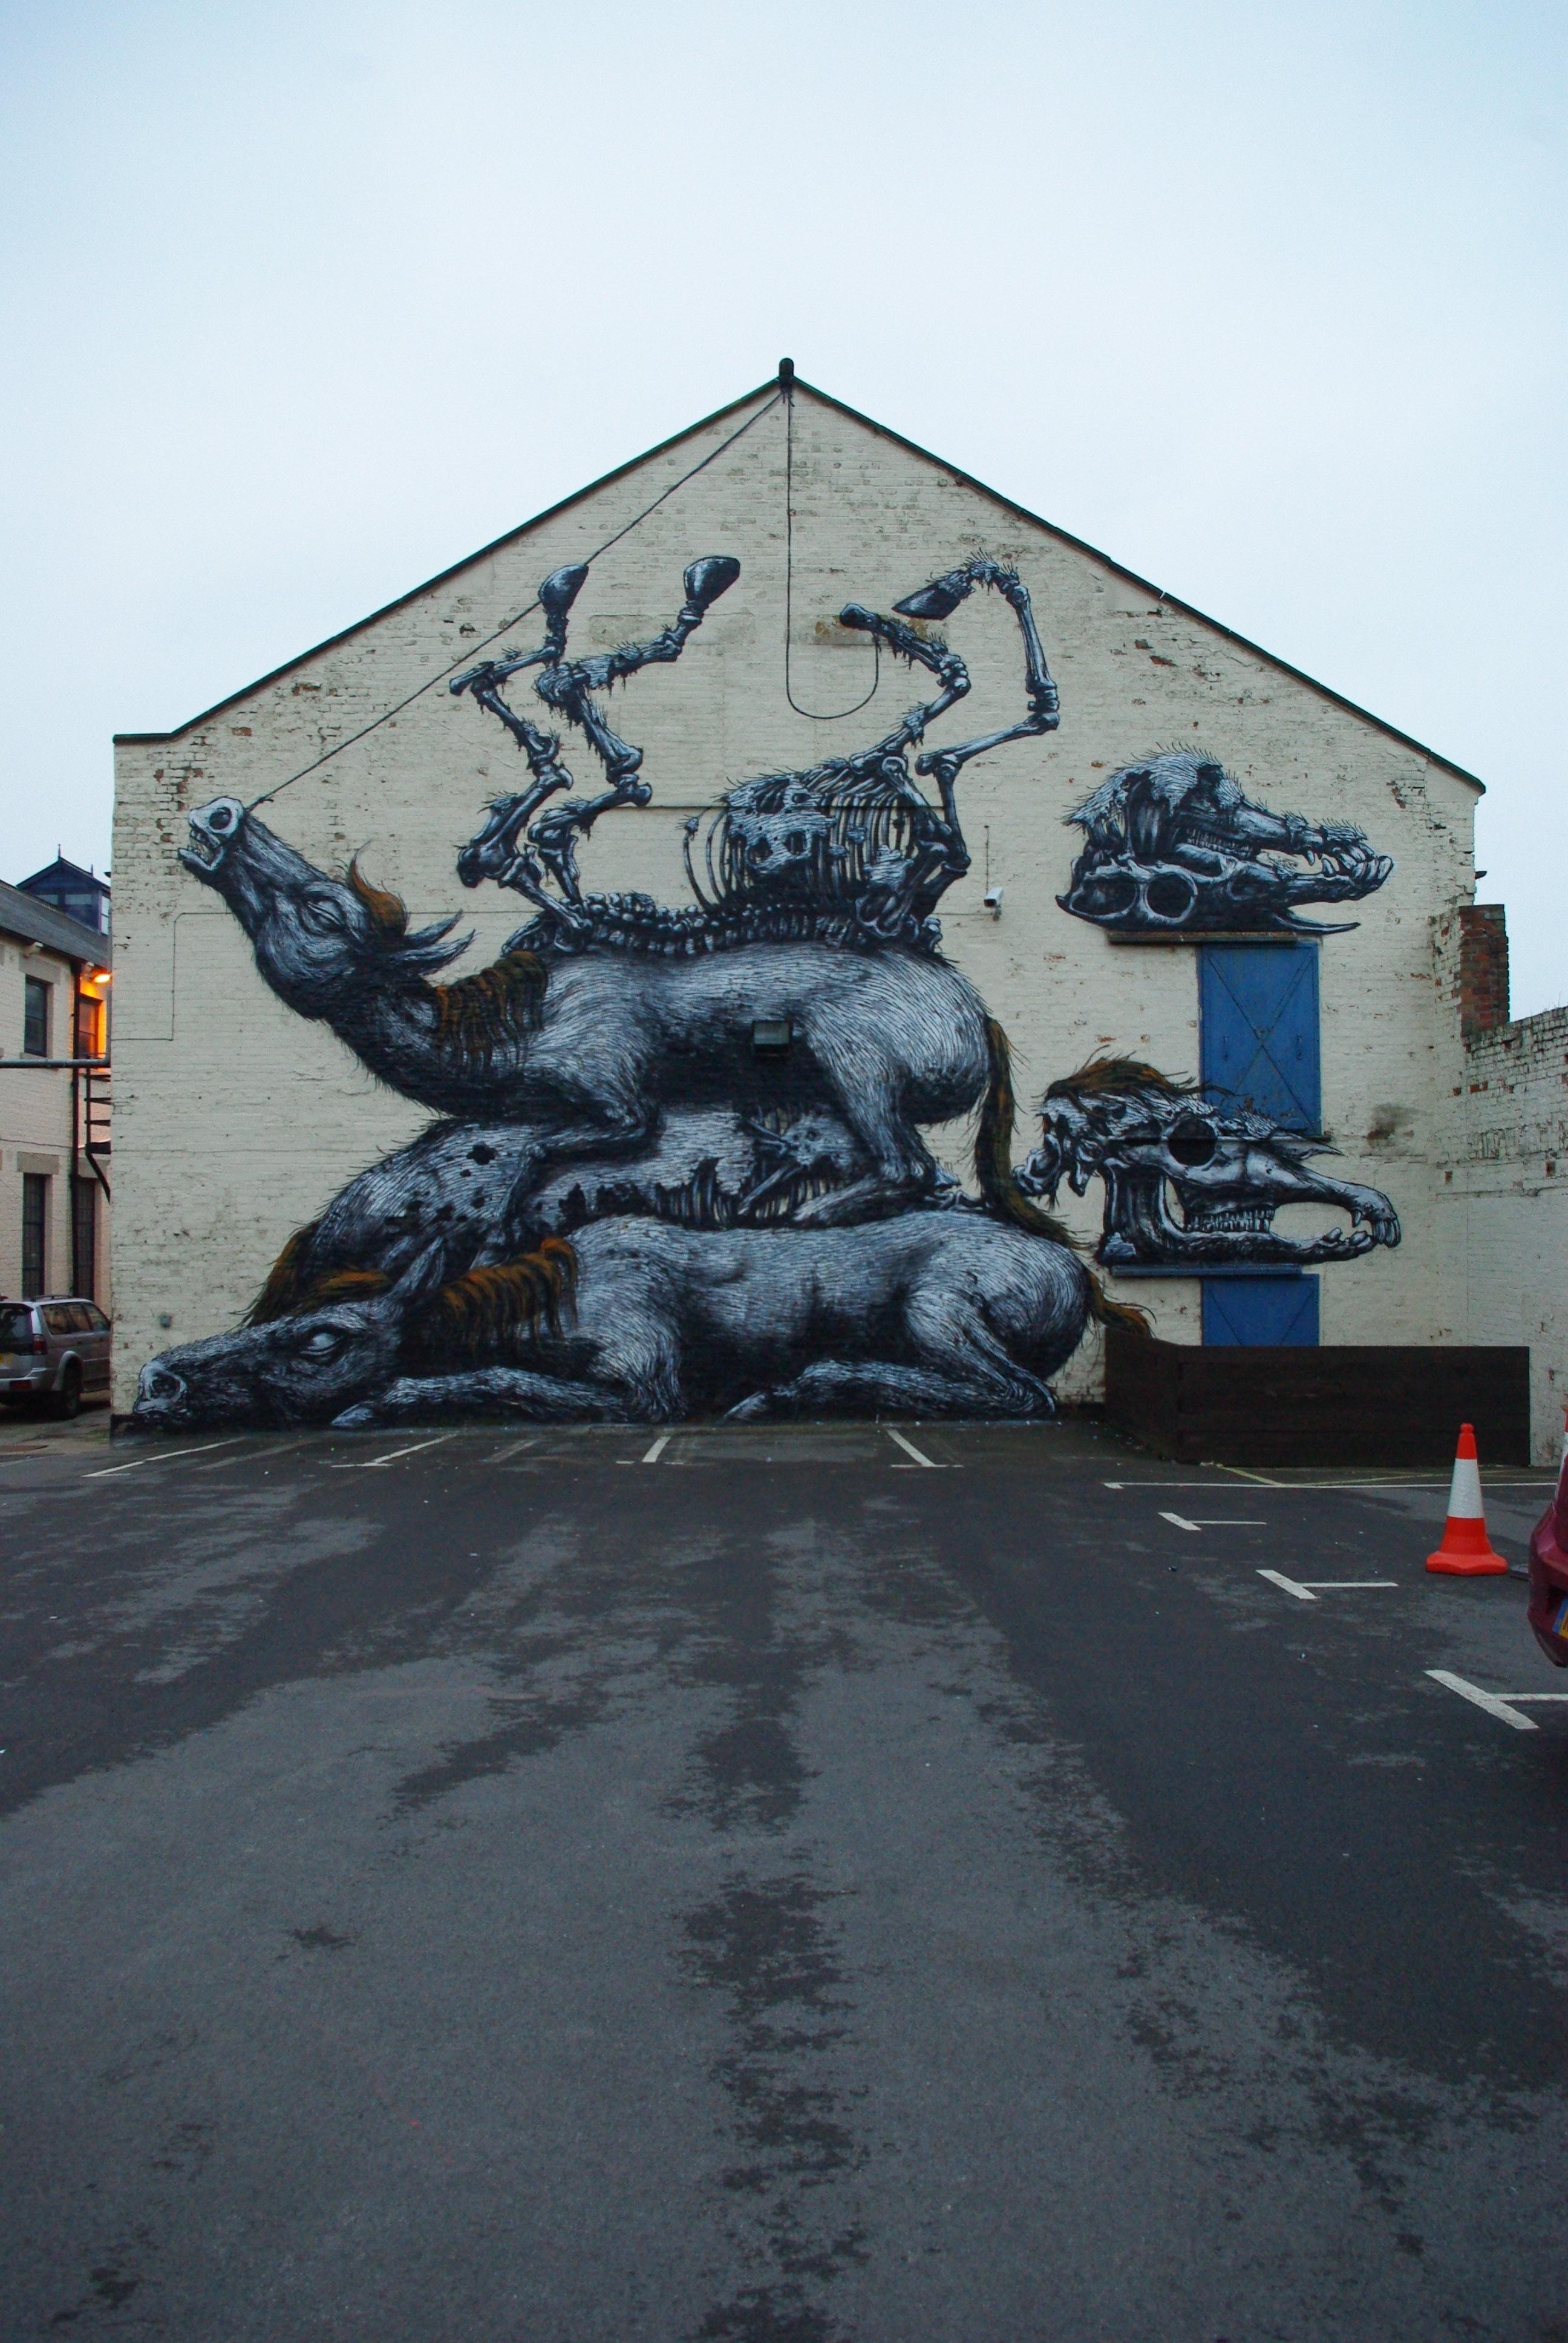 02900000 Животный стрит арт от бельгийского граффитчика ROA